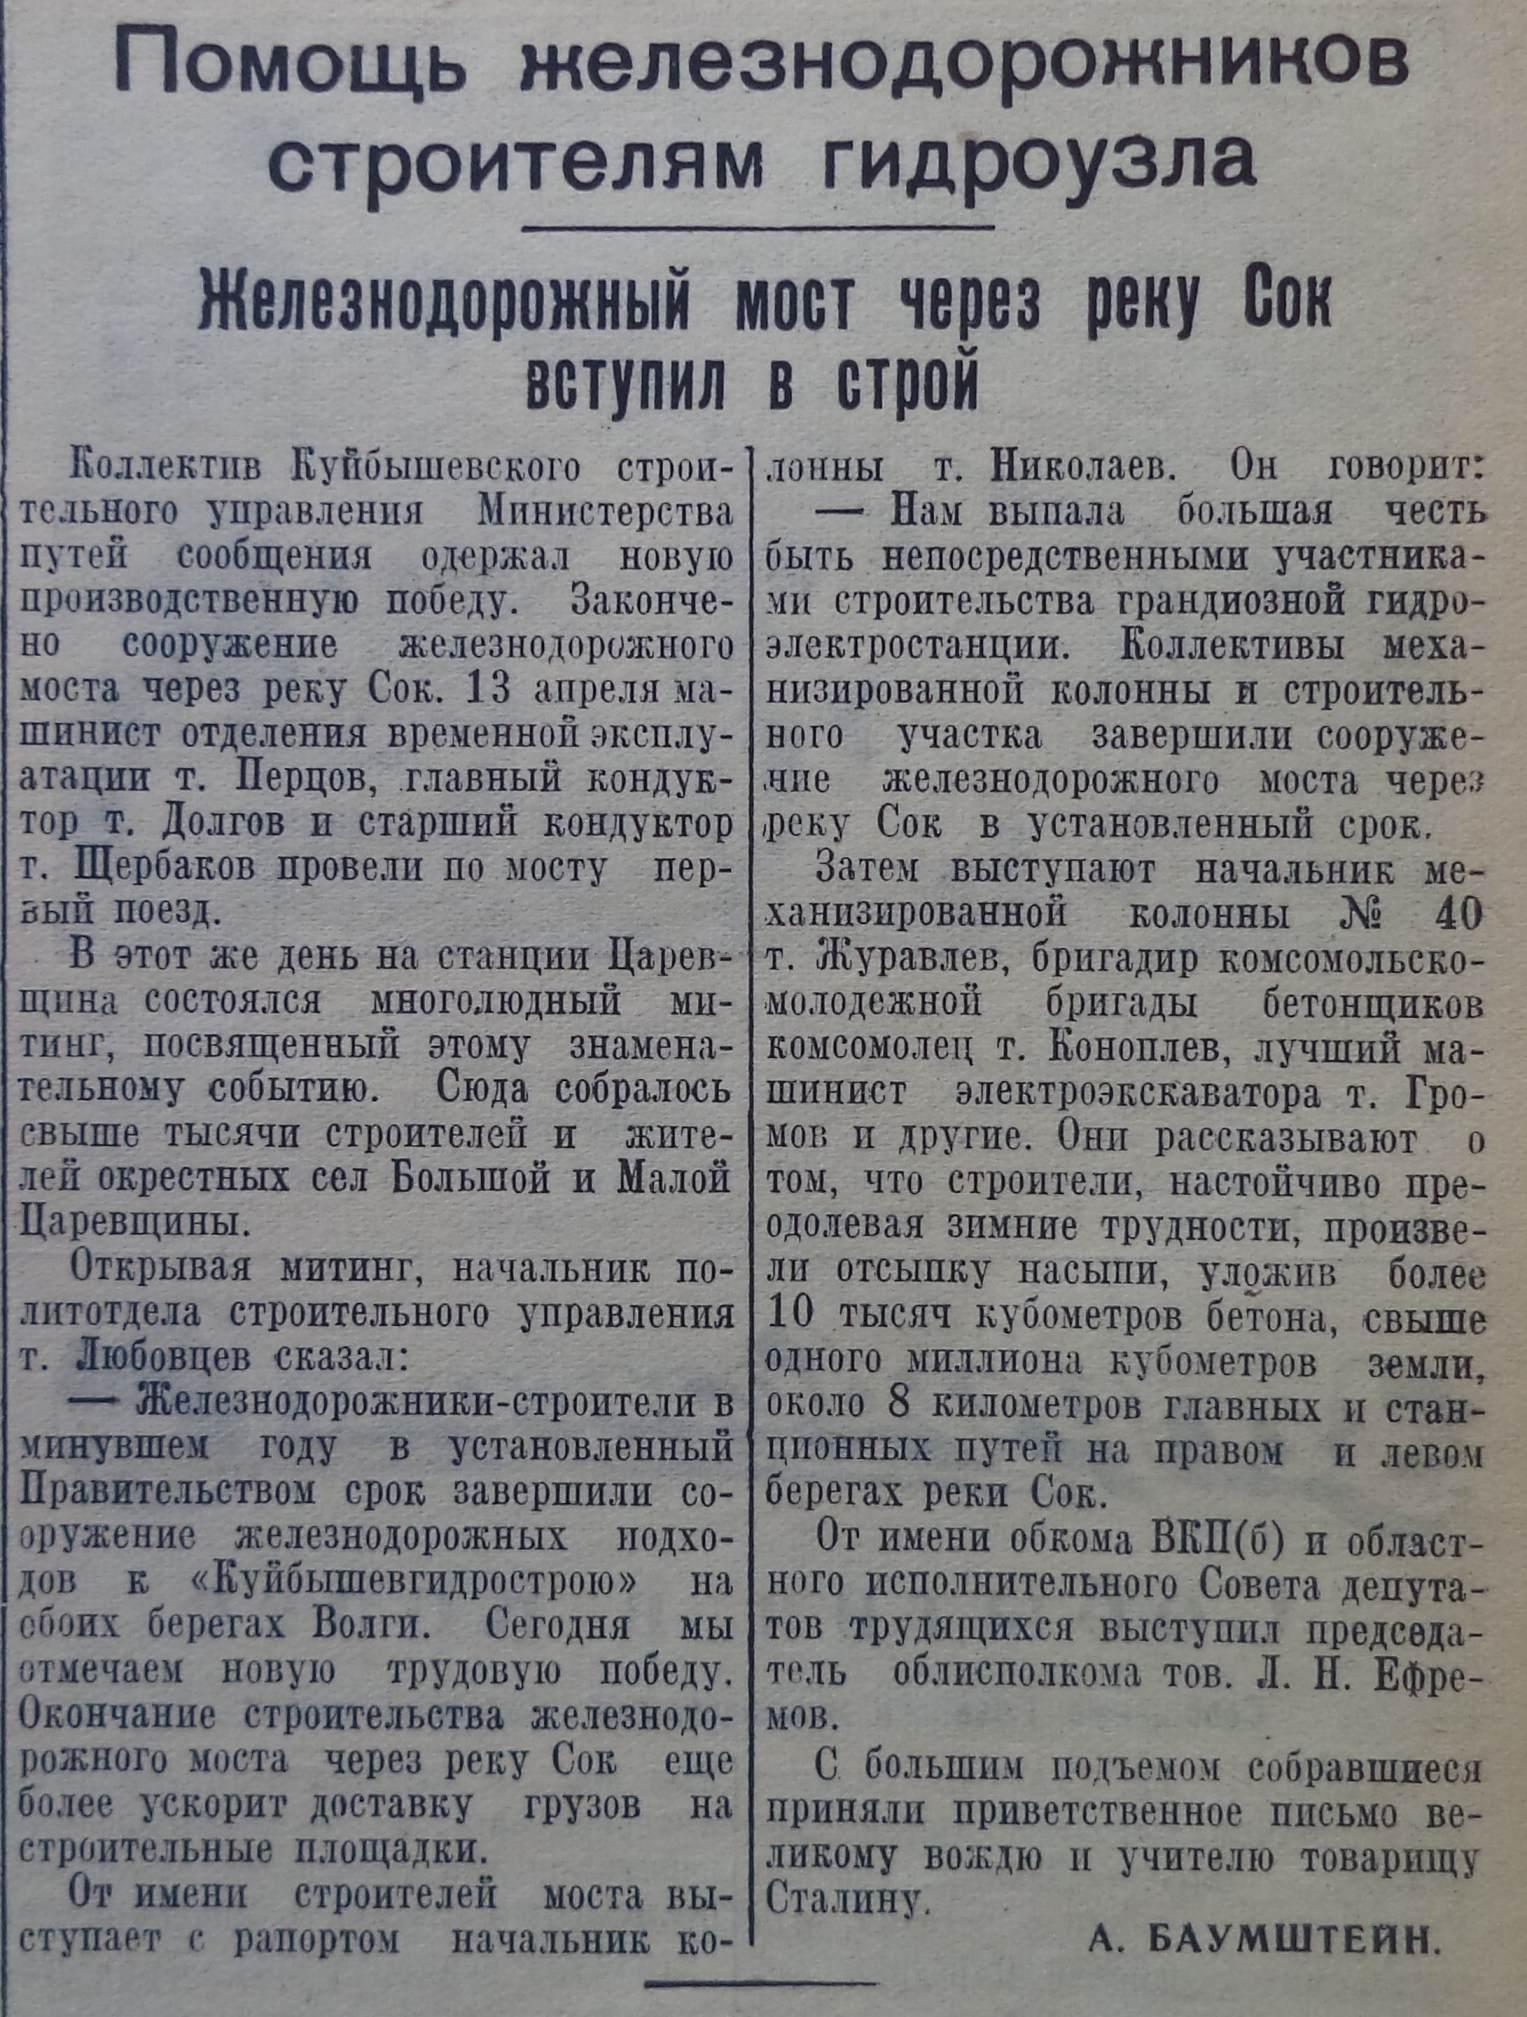 Bolshevistskoe_znamya-1952-15_aprelya-1-min